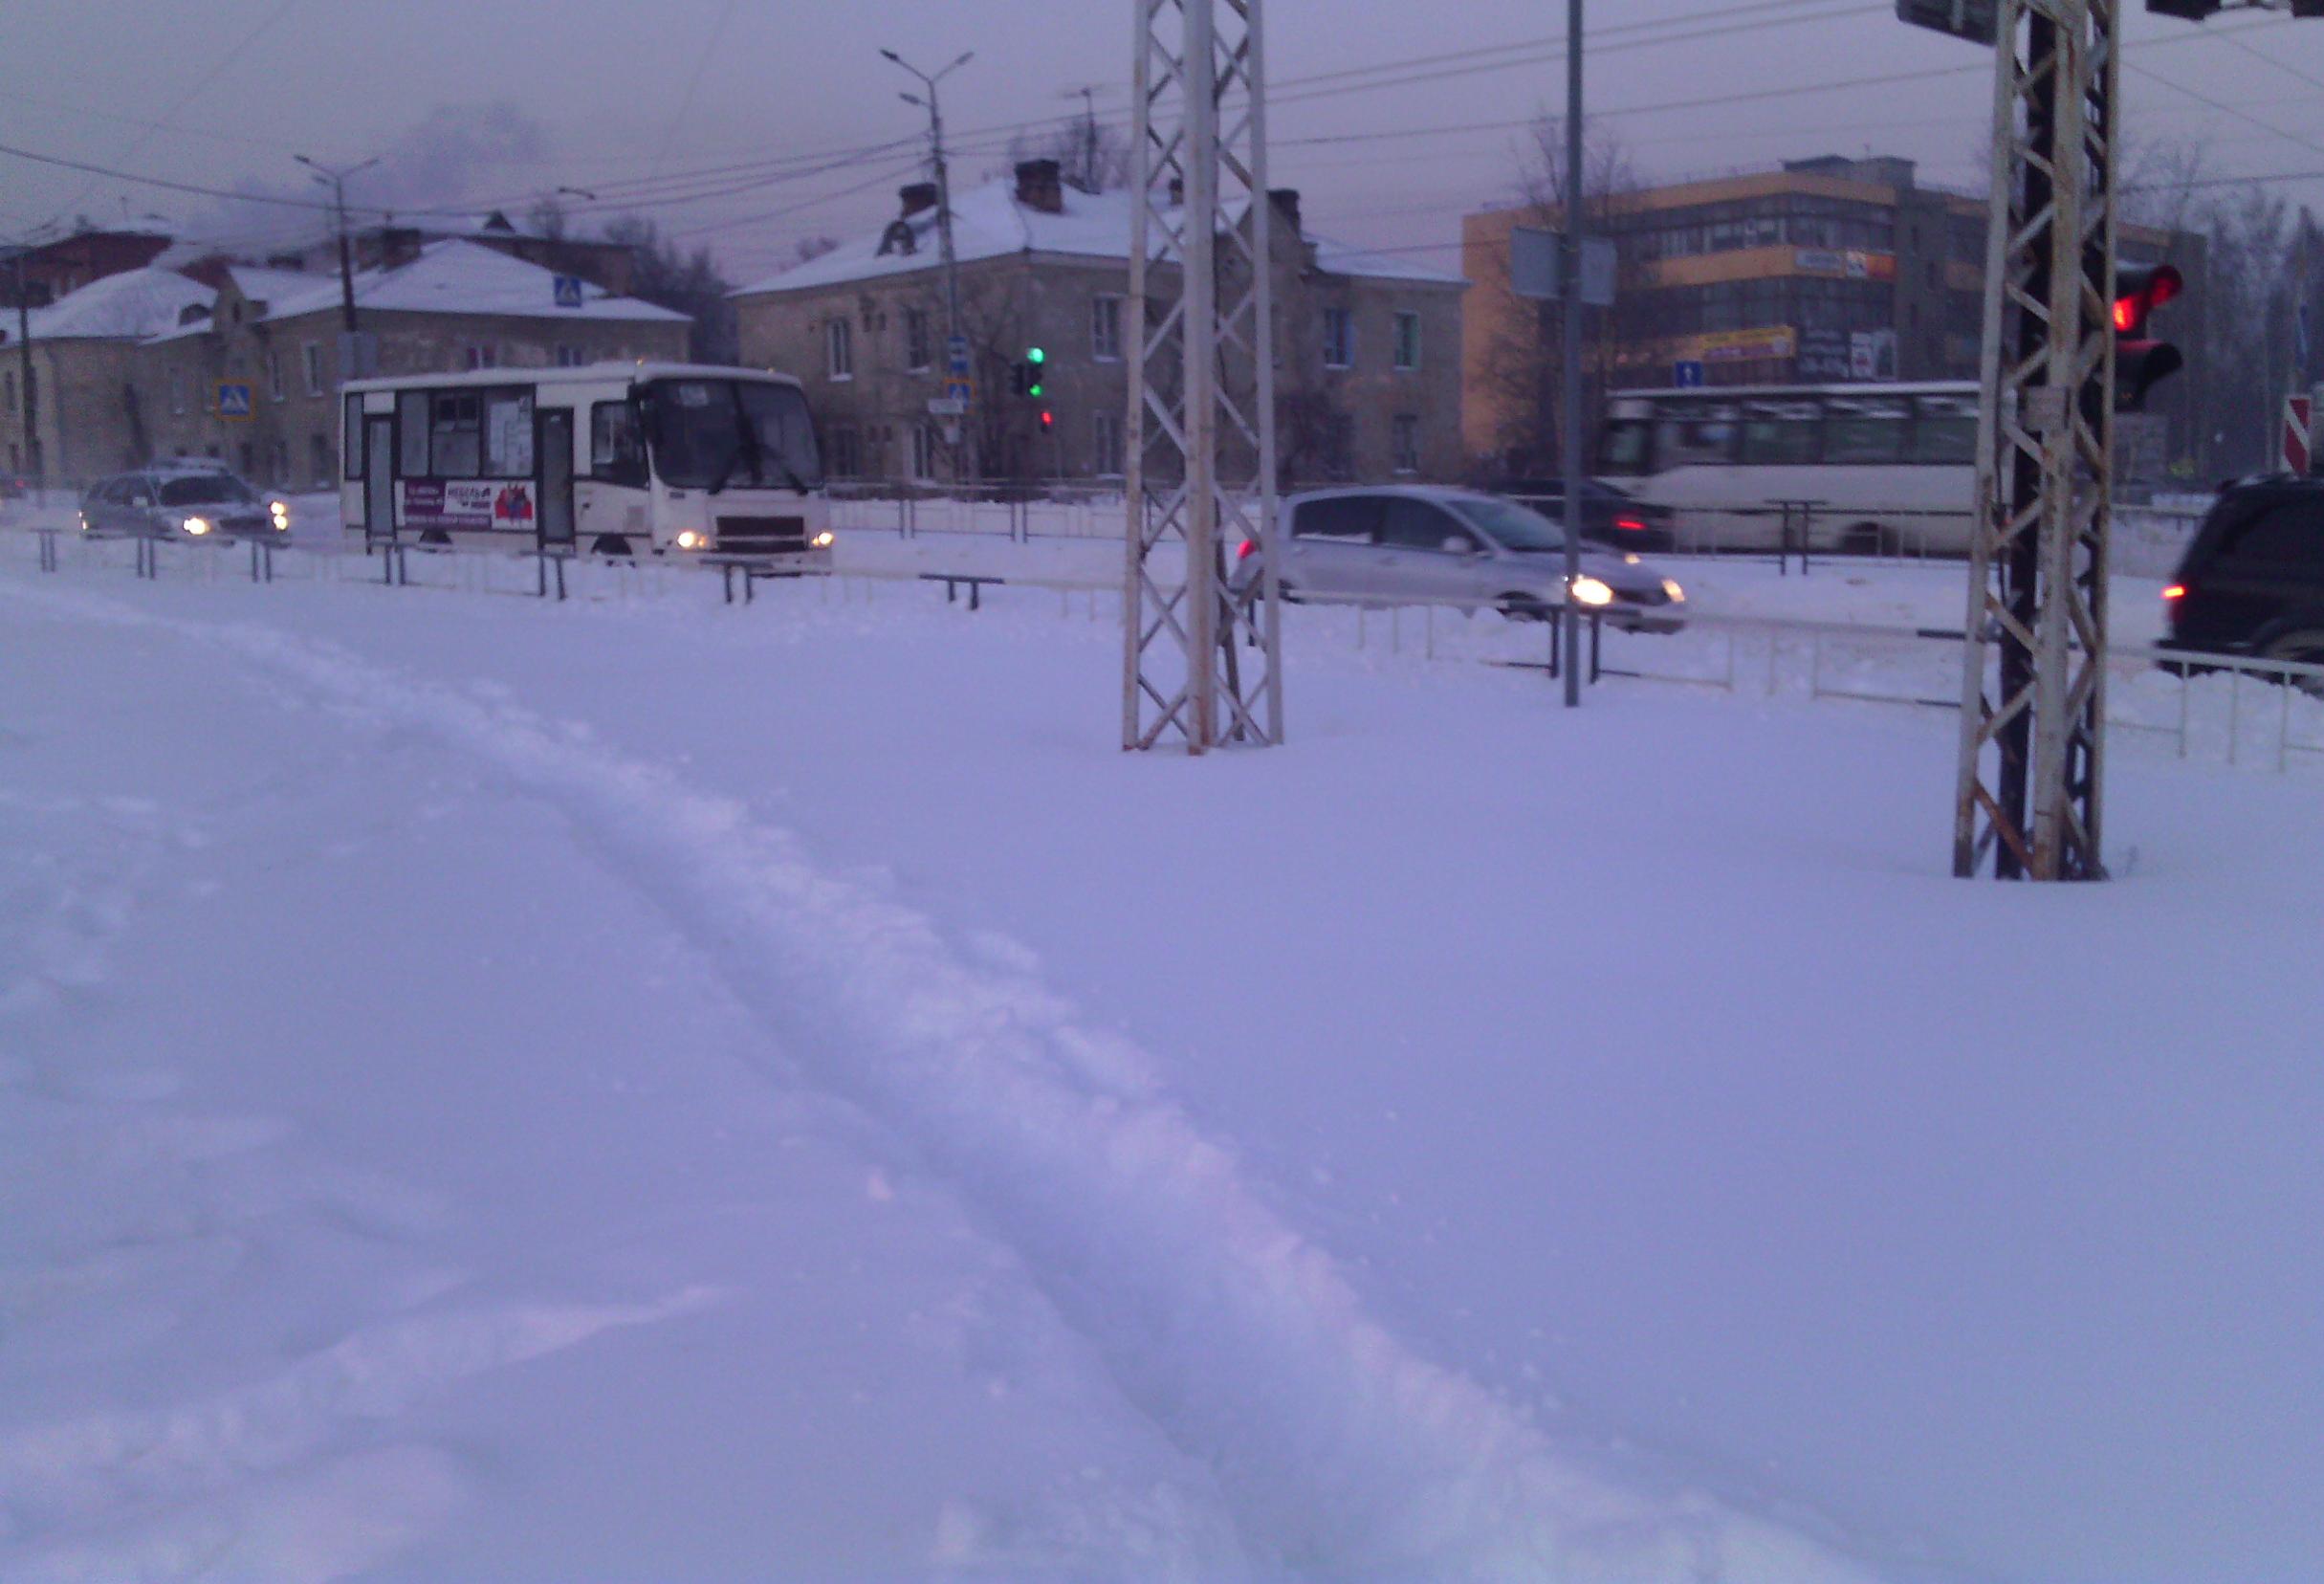 Жители карельской столицы вынуждены сами протаптывать себе путь в снегу. Фото: Валерий Поташов